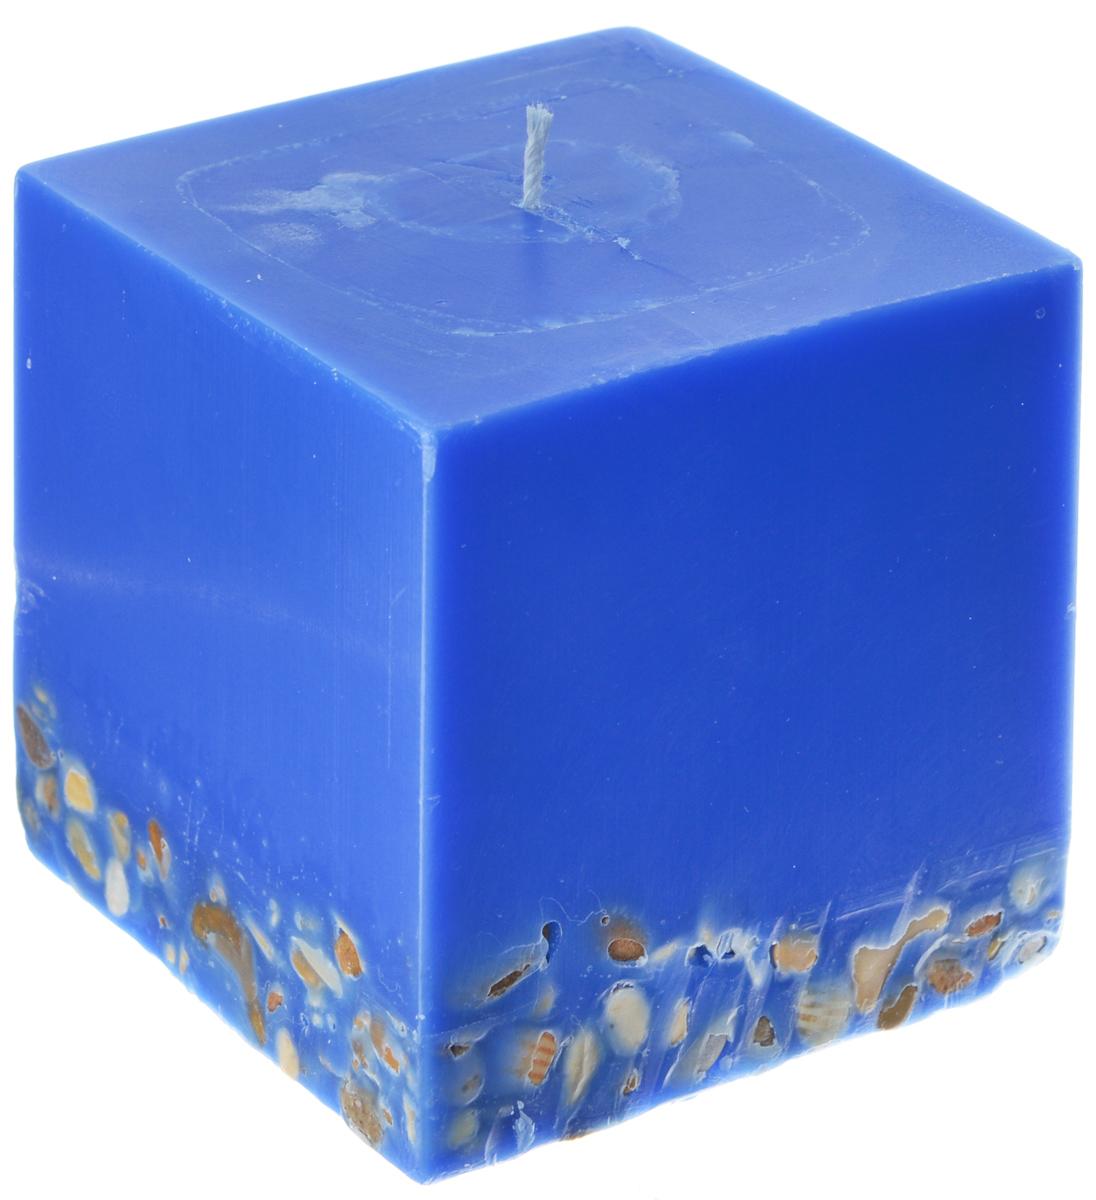 Свеча декоративная Proffi Квадрат, 9,5 х 9,5 х 9,5 смPH5911Свеча Proffi Квадрат выполнена из парафина и стеарина в классическом стиле и украшена декоративной галькой. Изделие порадует вас ярким дизайном. Такую свечу можно поставить в любое место, и она станет ярким украшением интерьера. Свеча Proffi Квадрат создаст незабываемую атмосферу, будь то торжество, романтический вечер или будничный день. Размер (по верхнему краю): 9,5 см х 9,5 см.